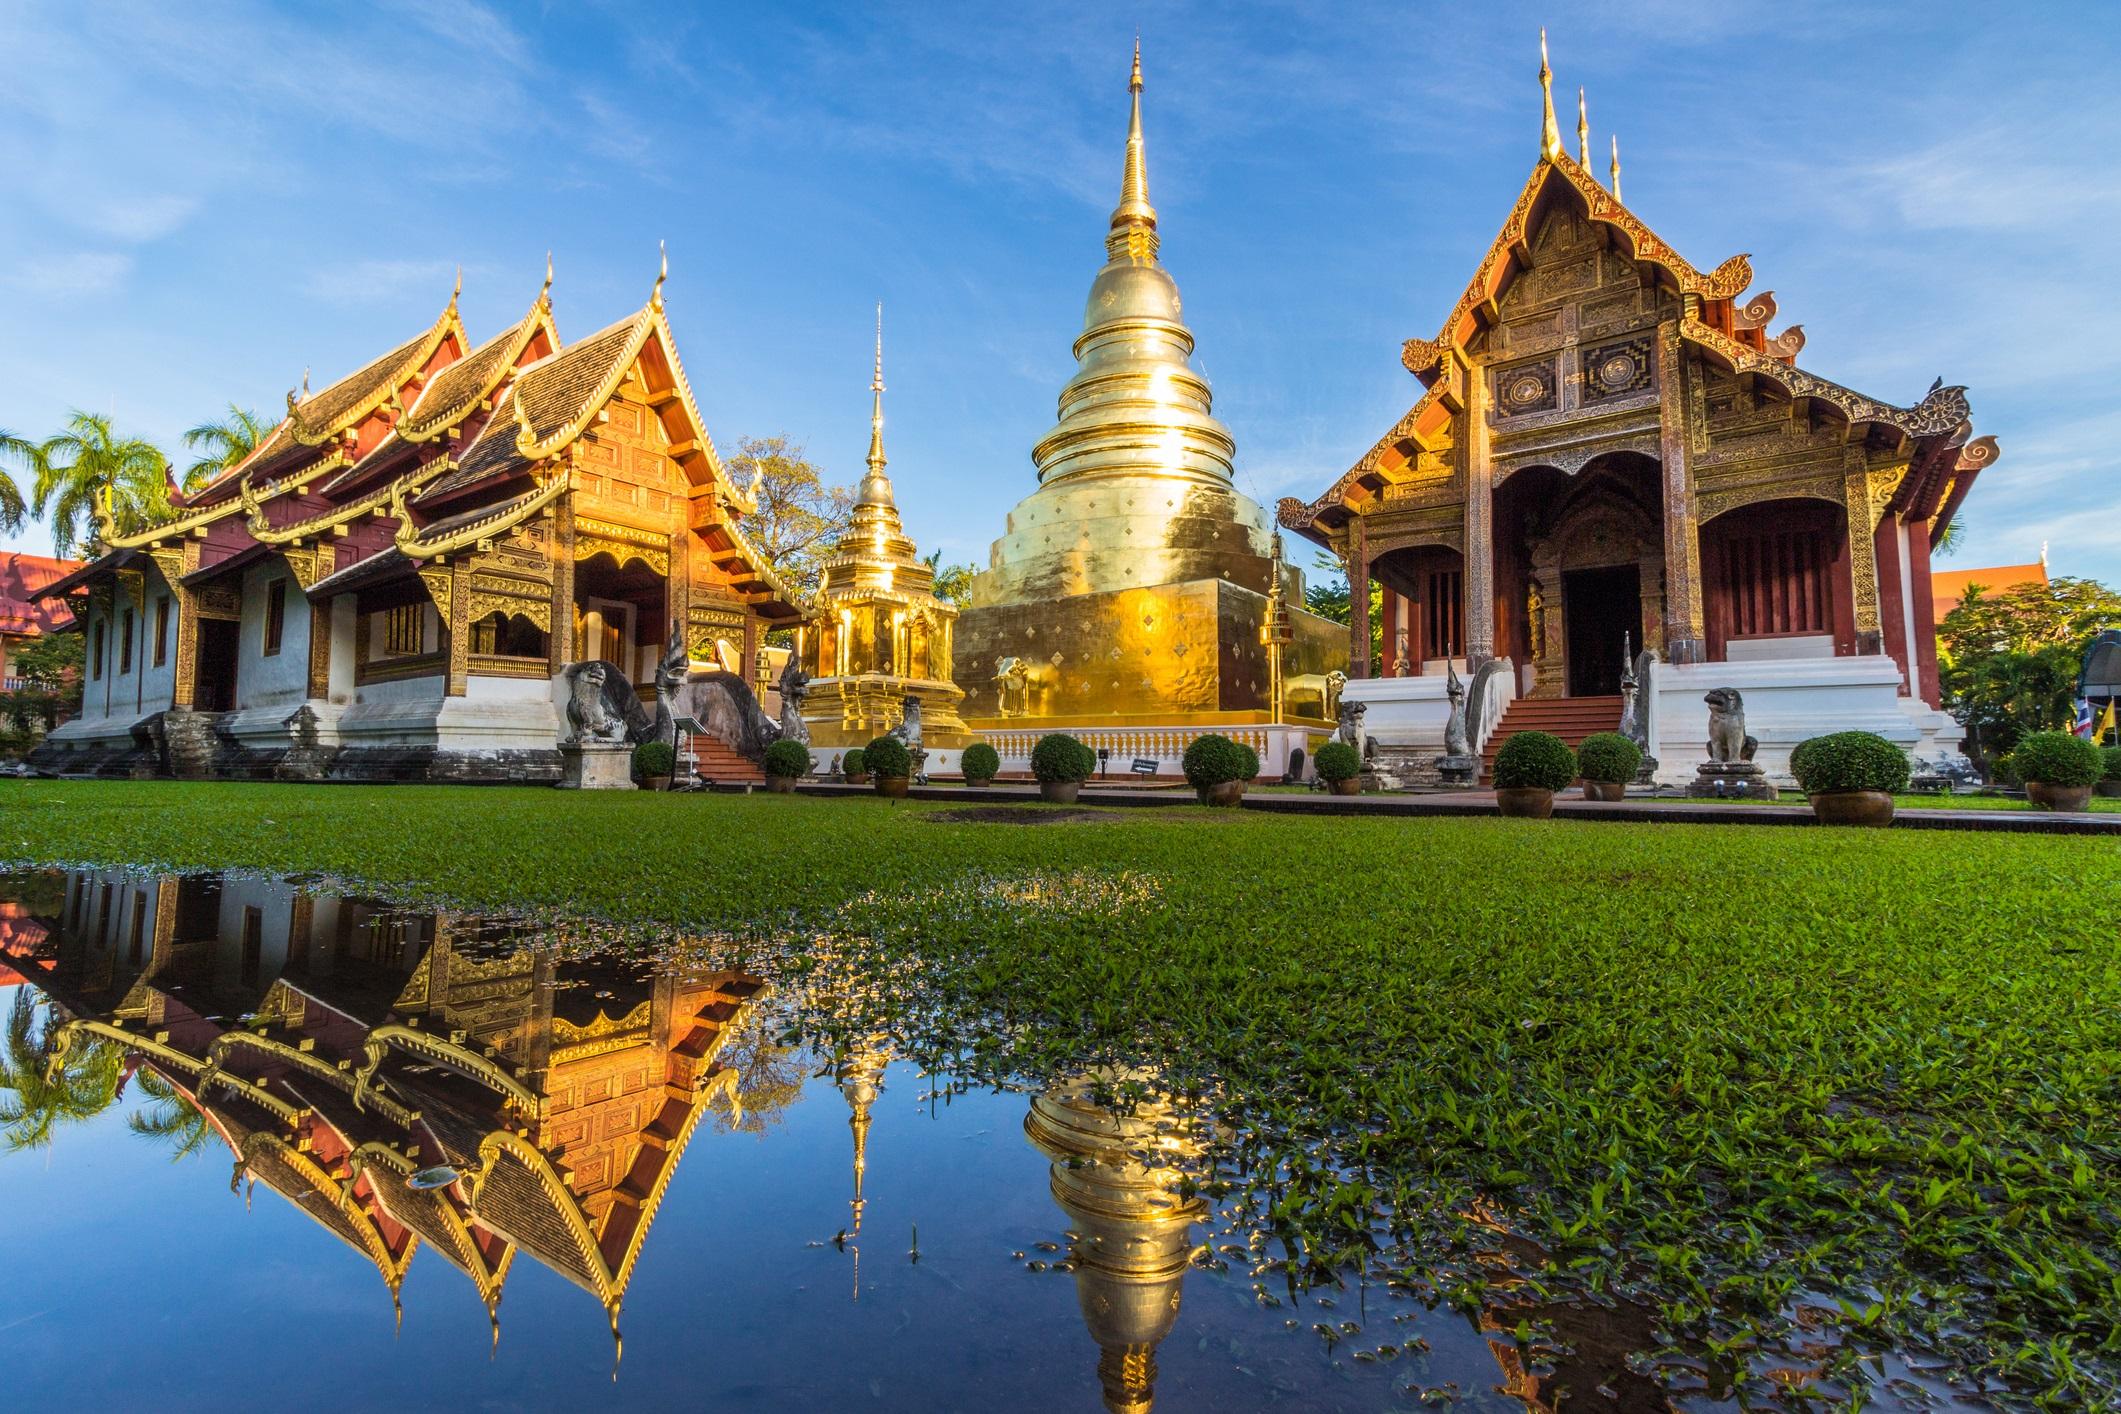 Чианг Мей, Тайланд<br /> <br /> Със своя легион от храмове и величествени градски стени, бившата столица на кралство Ланна е като извадена от историческа книга, където посетителите разглеждат сергии с антични бижута, докато познатият аромат на грилована тилапия в бананово листо изпълва въздуха. Традицията в този древен град се вижда навсякъде, но тя е съчетана с креативни кафенета и прекрасни ресторанти, специализирани в експерименталната фюжън кухня, както и новооткрития музей на съвременното изкуство.